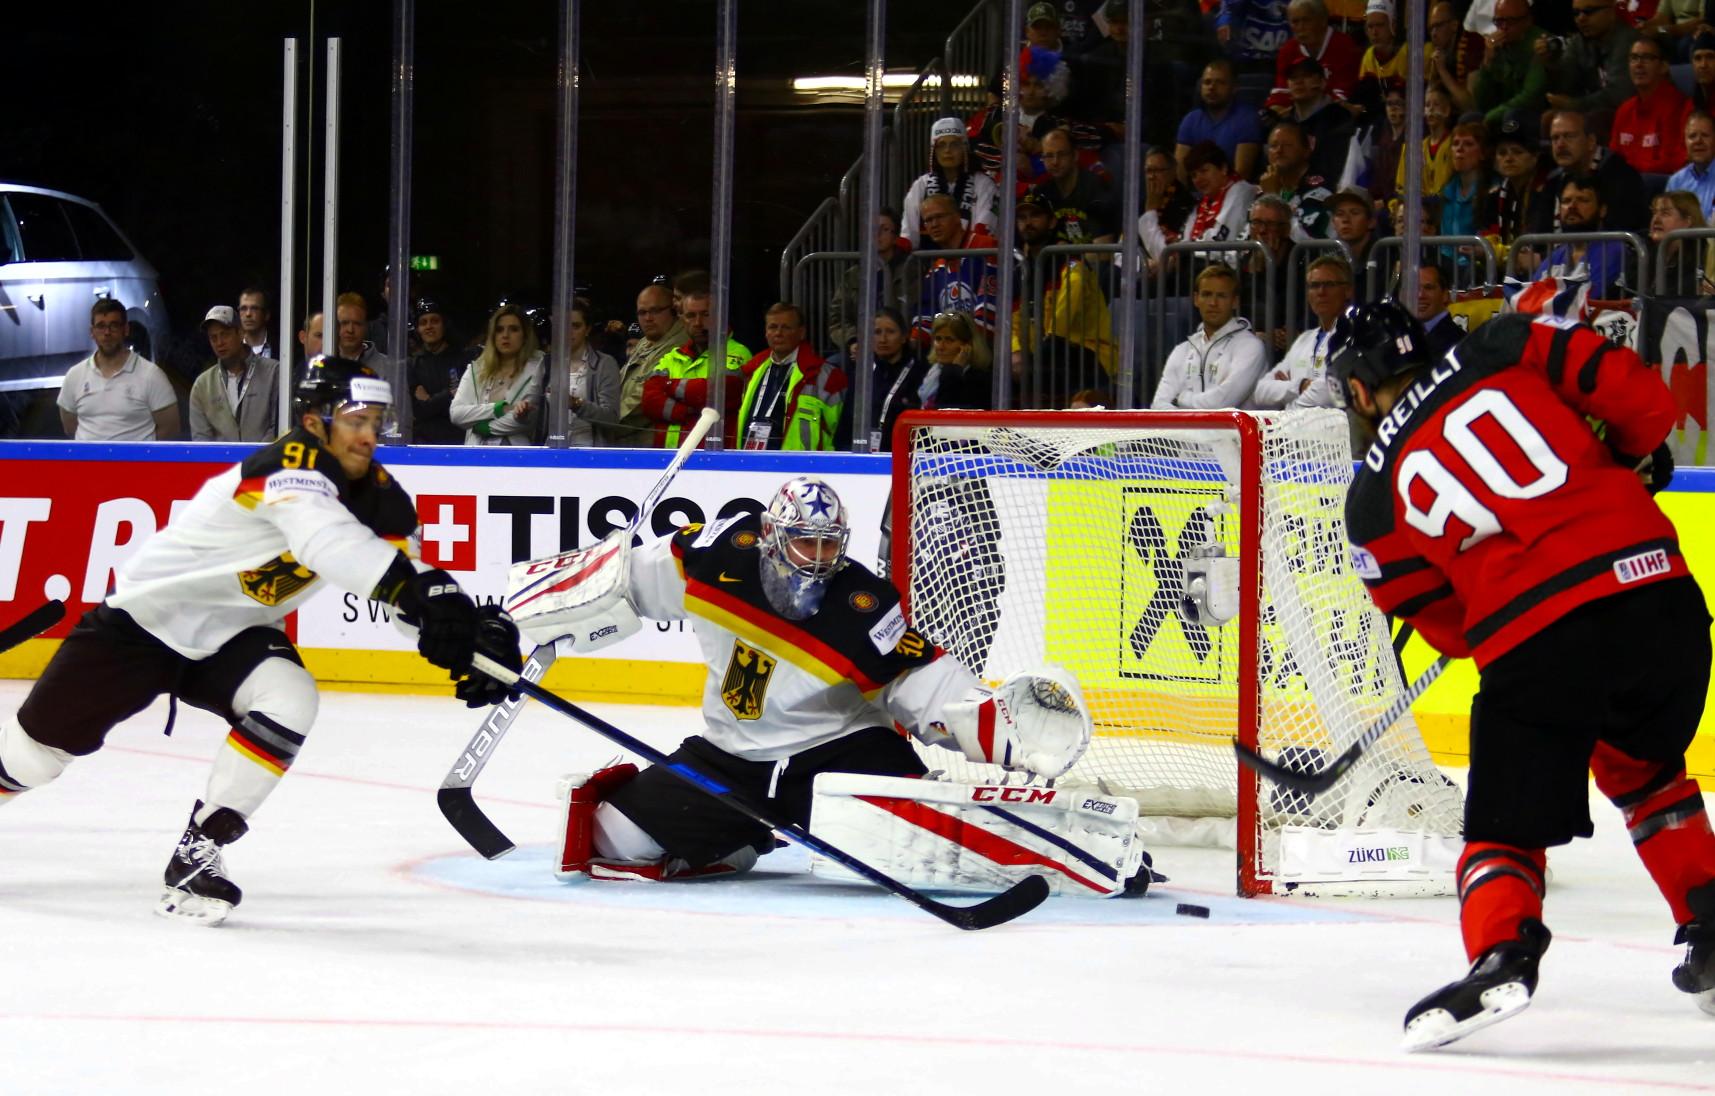 Eishockey Deutschland Kanada